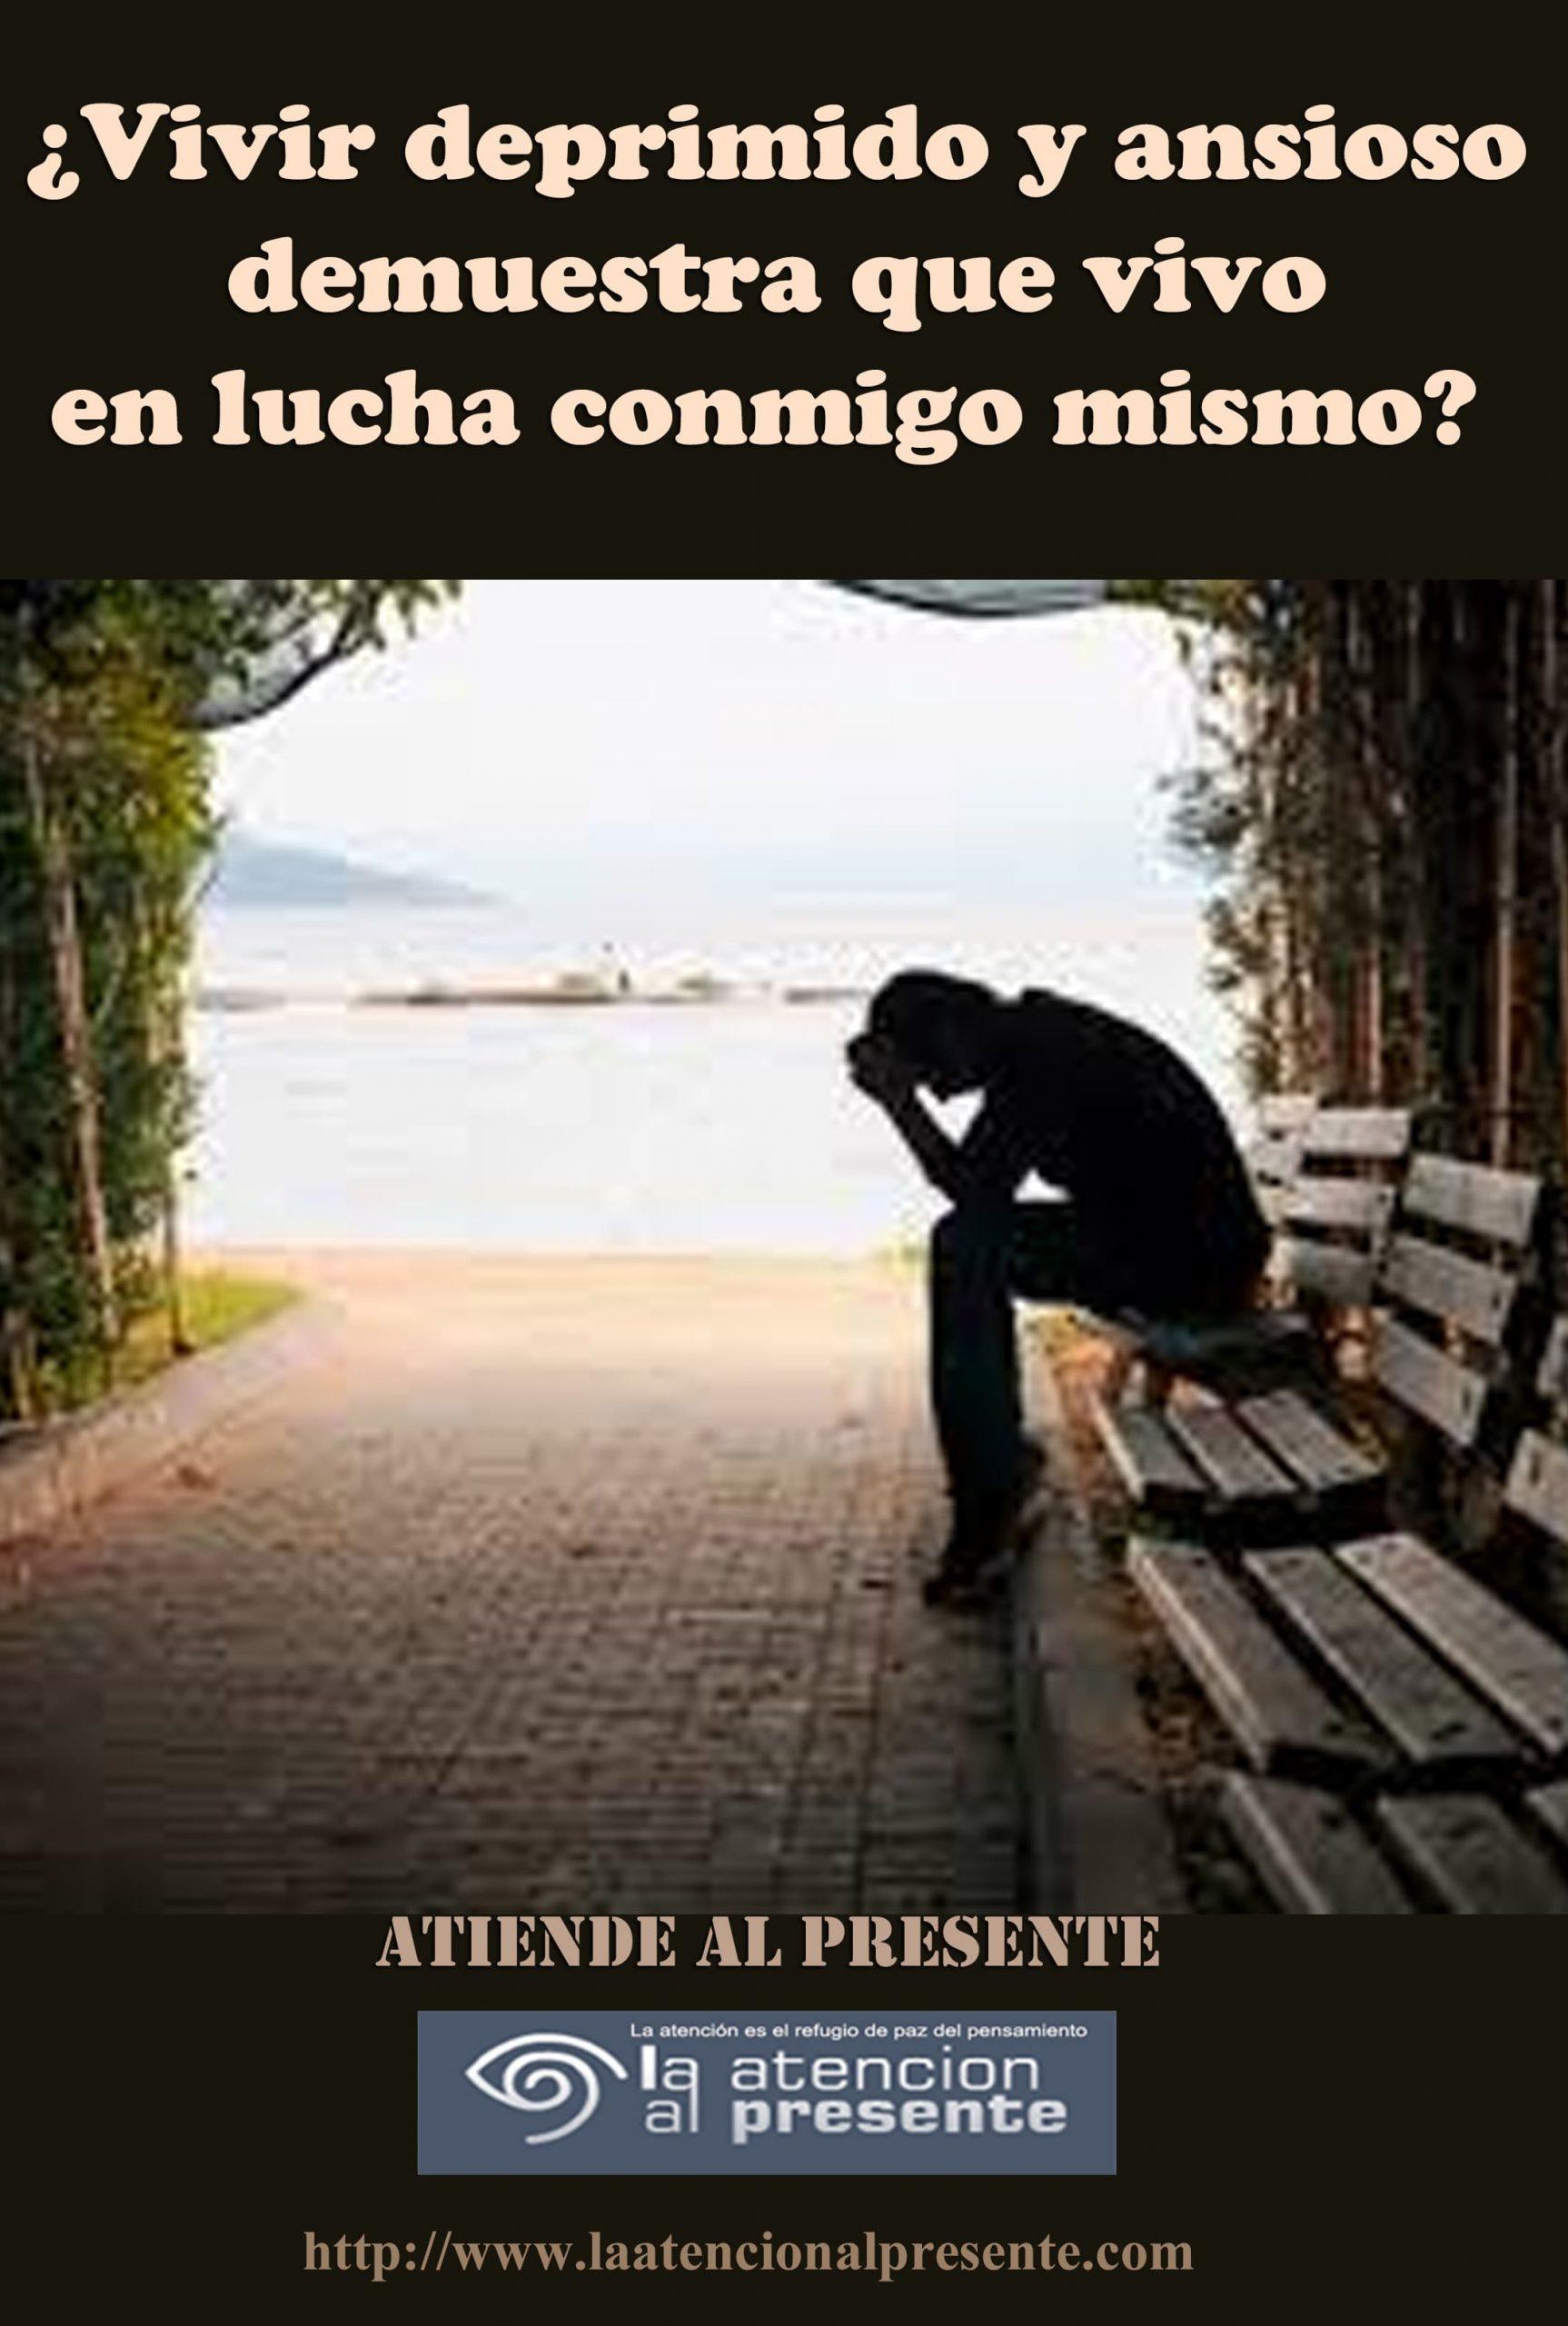 19 de enero Esteban Vivir deprimido y ansioso demuestra que vivo en lucha conmigo mismo min scaled